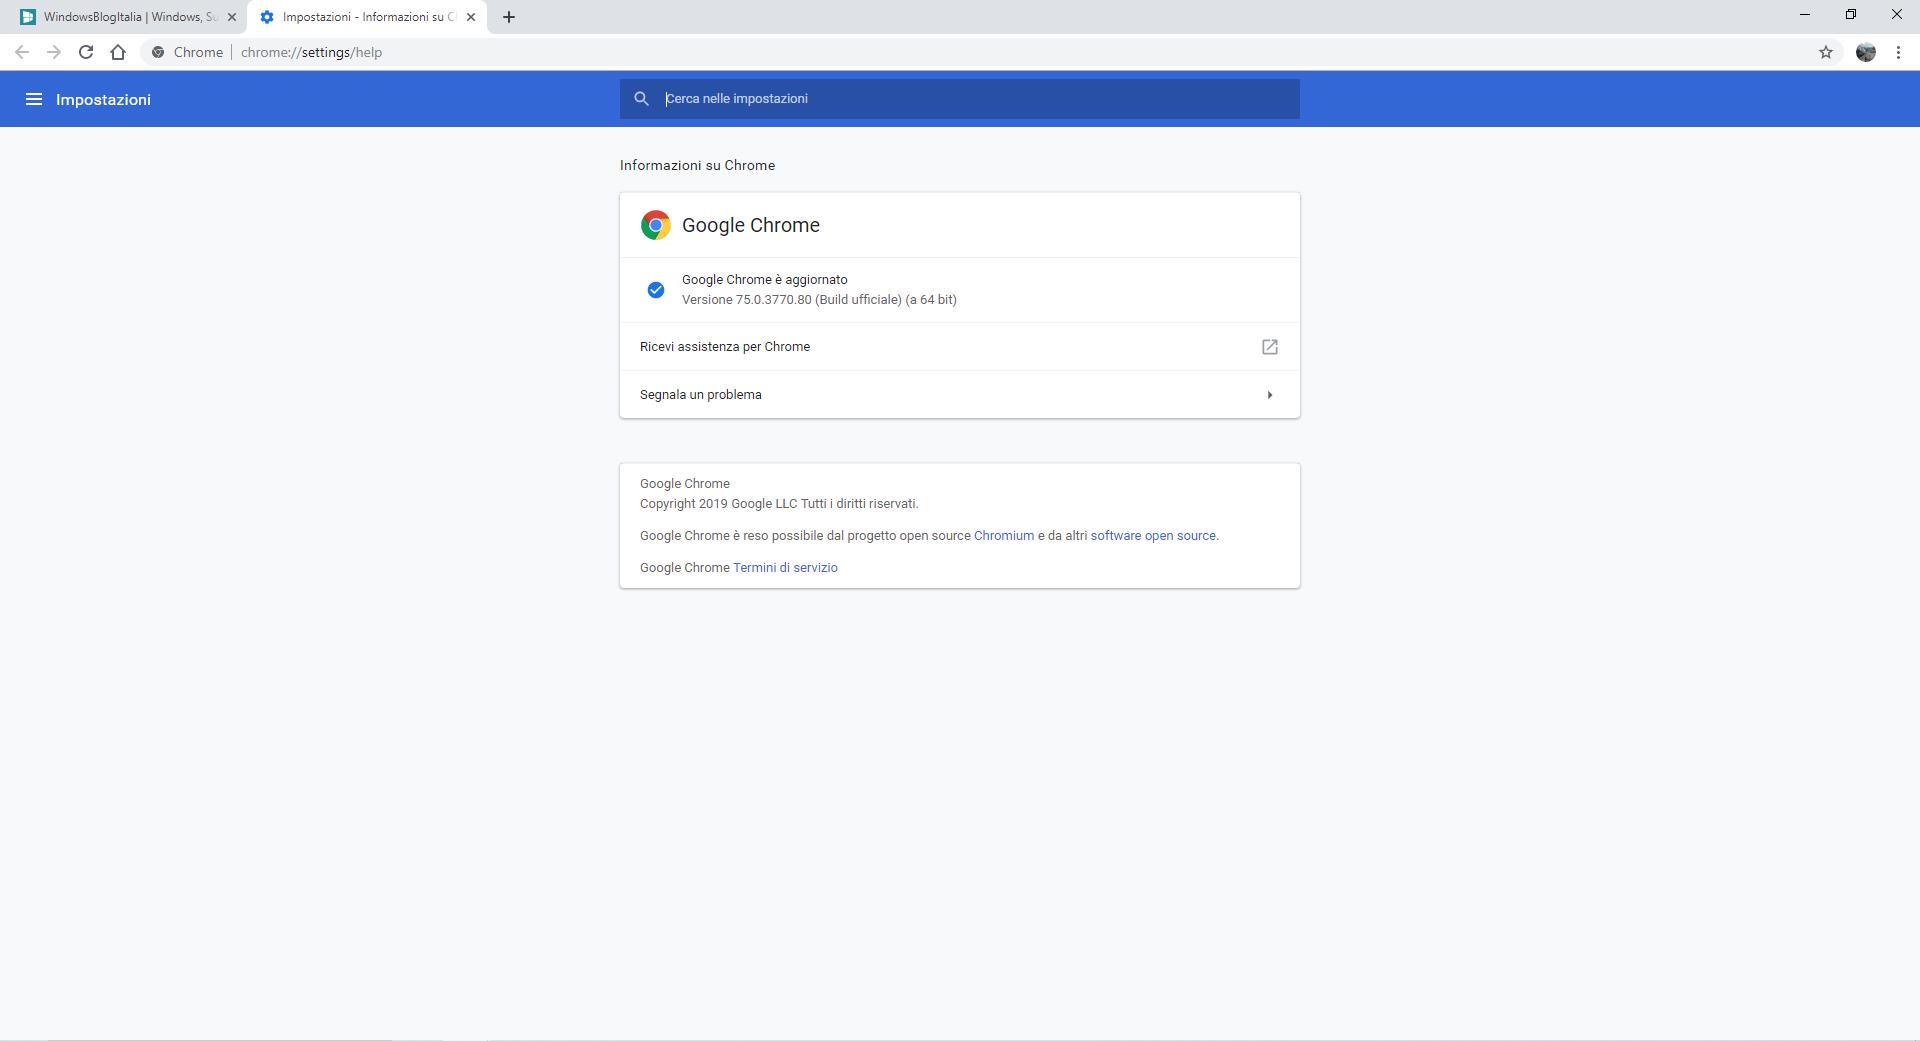 Aggiornare Google Chrome 75